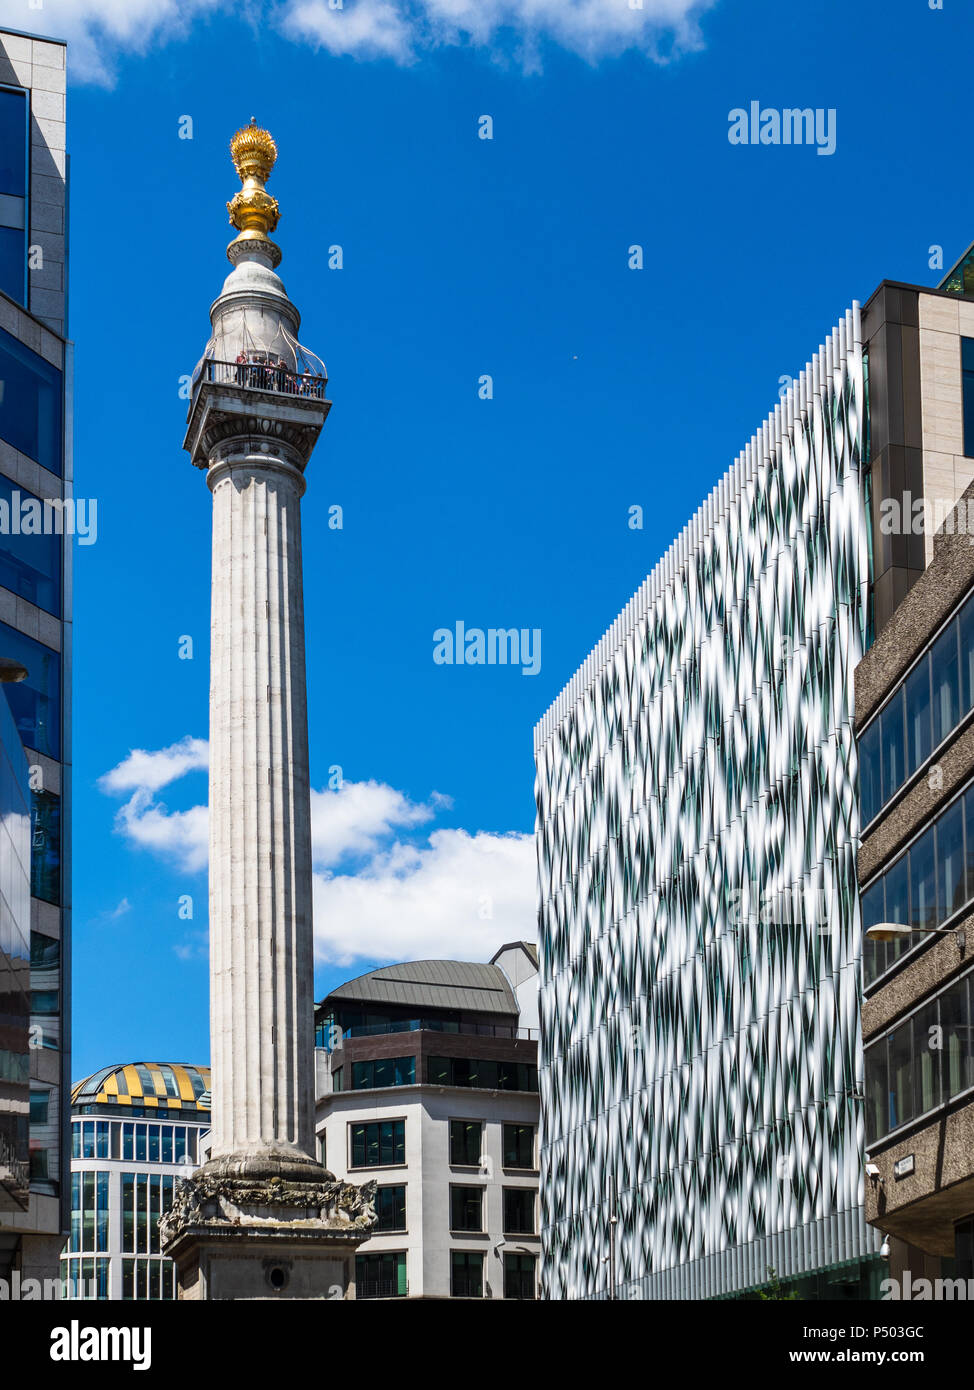 Denkmal für den großen Brand von London allgemein bekannt als das Denkmal, 1677 abgeschlossen, Höhe 62 m und 62 m, von wo aus das Feuer in der Pudding Lane gestartet Stockbild